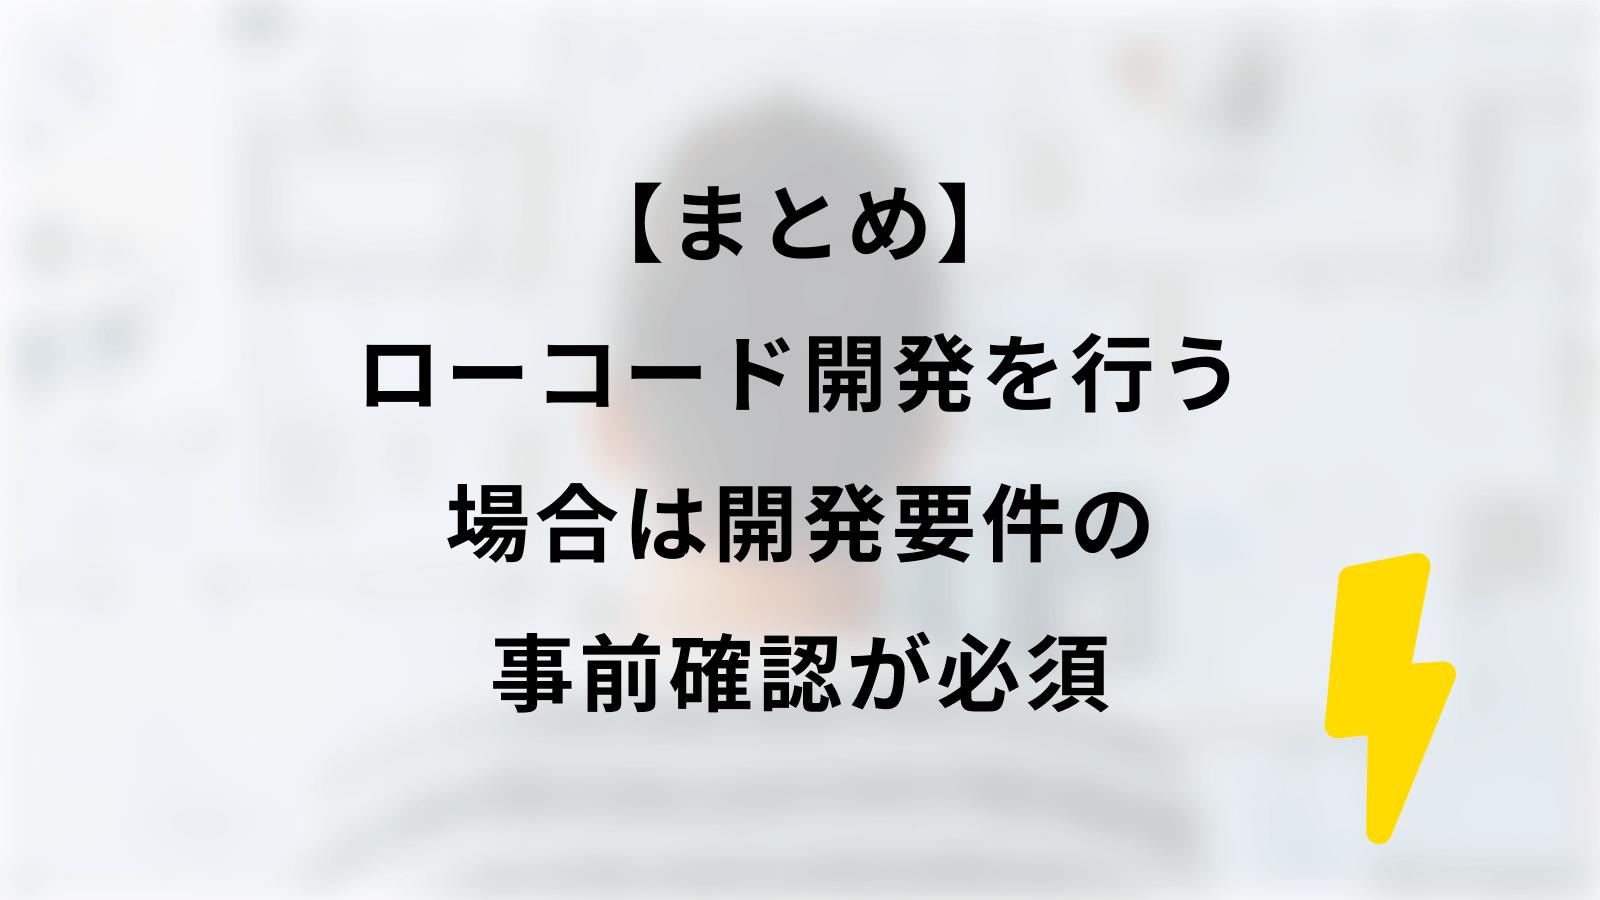 【まとめ】ローコード開発を行う場合は開発要件の事前確認が必須